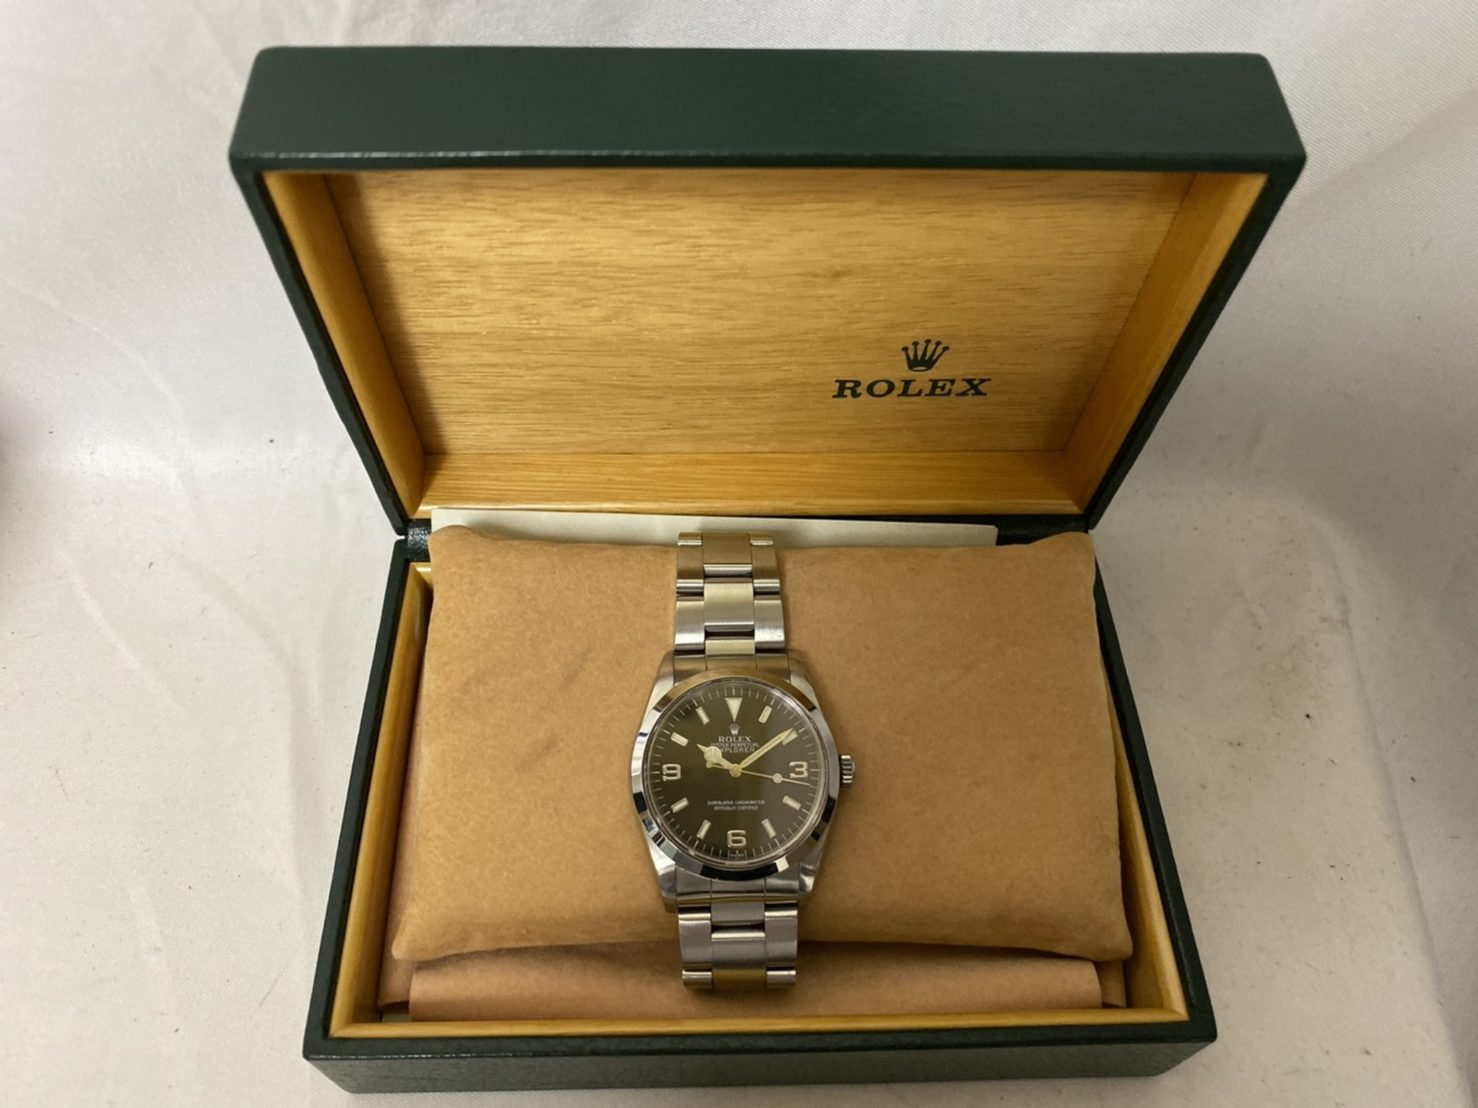 ロレックス[ROLEX]Ref.17000 オイスタークォーツ デイトジャスト